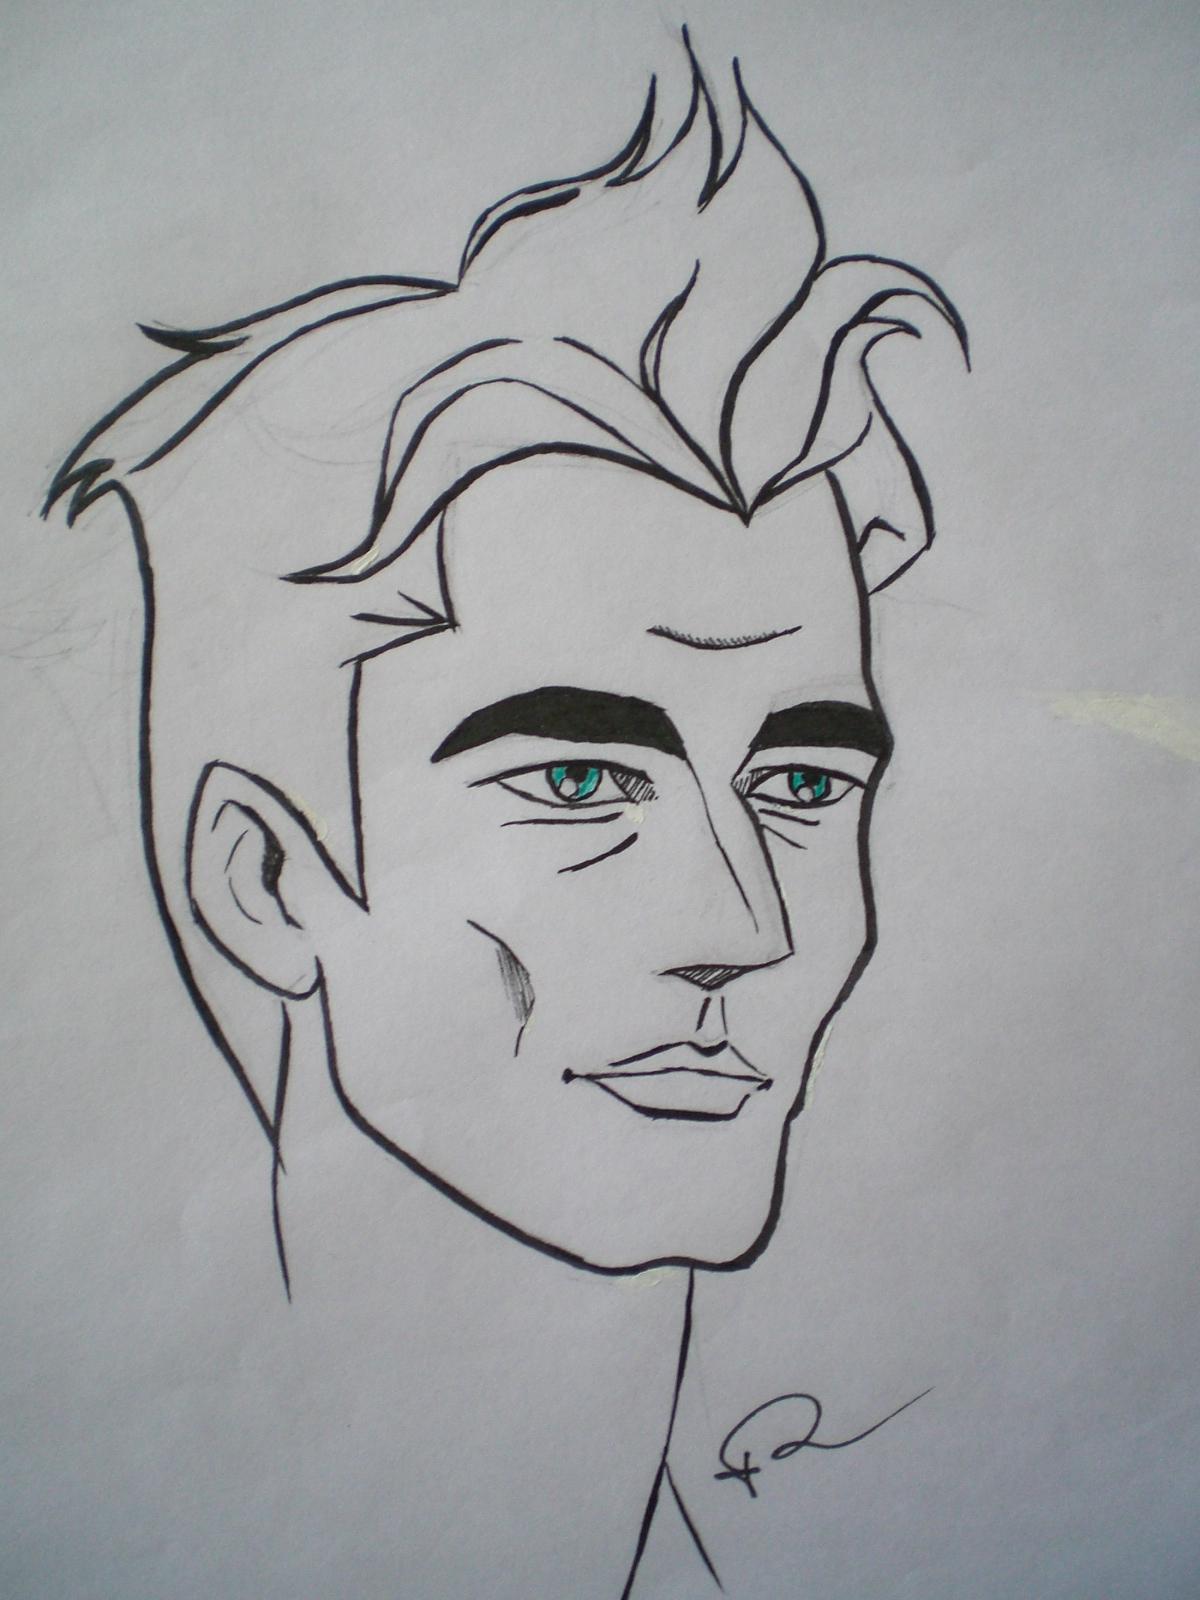 disegni a matita facili da fare